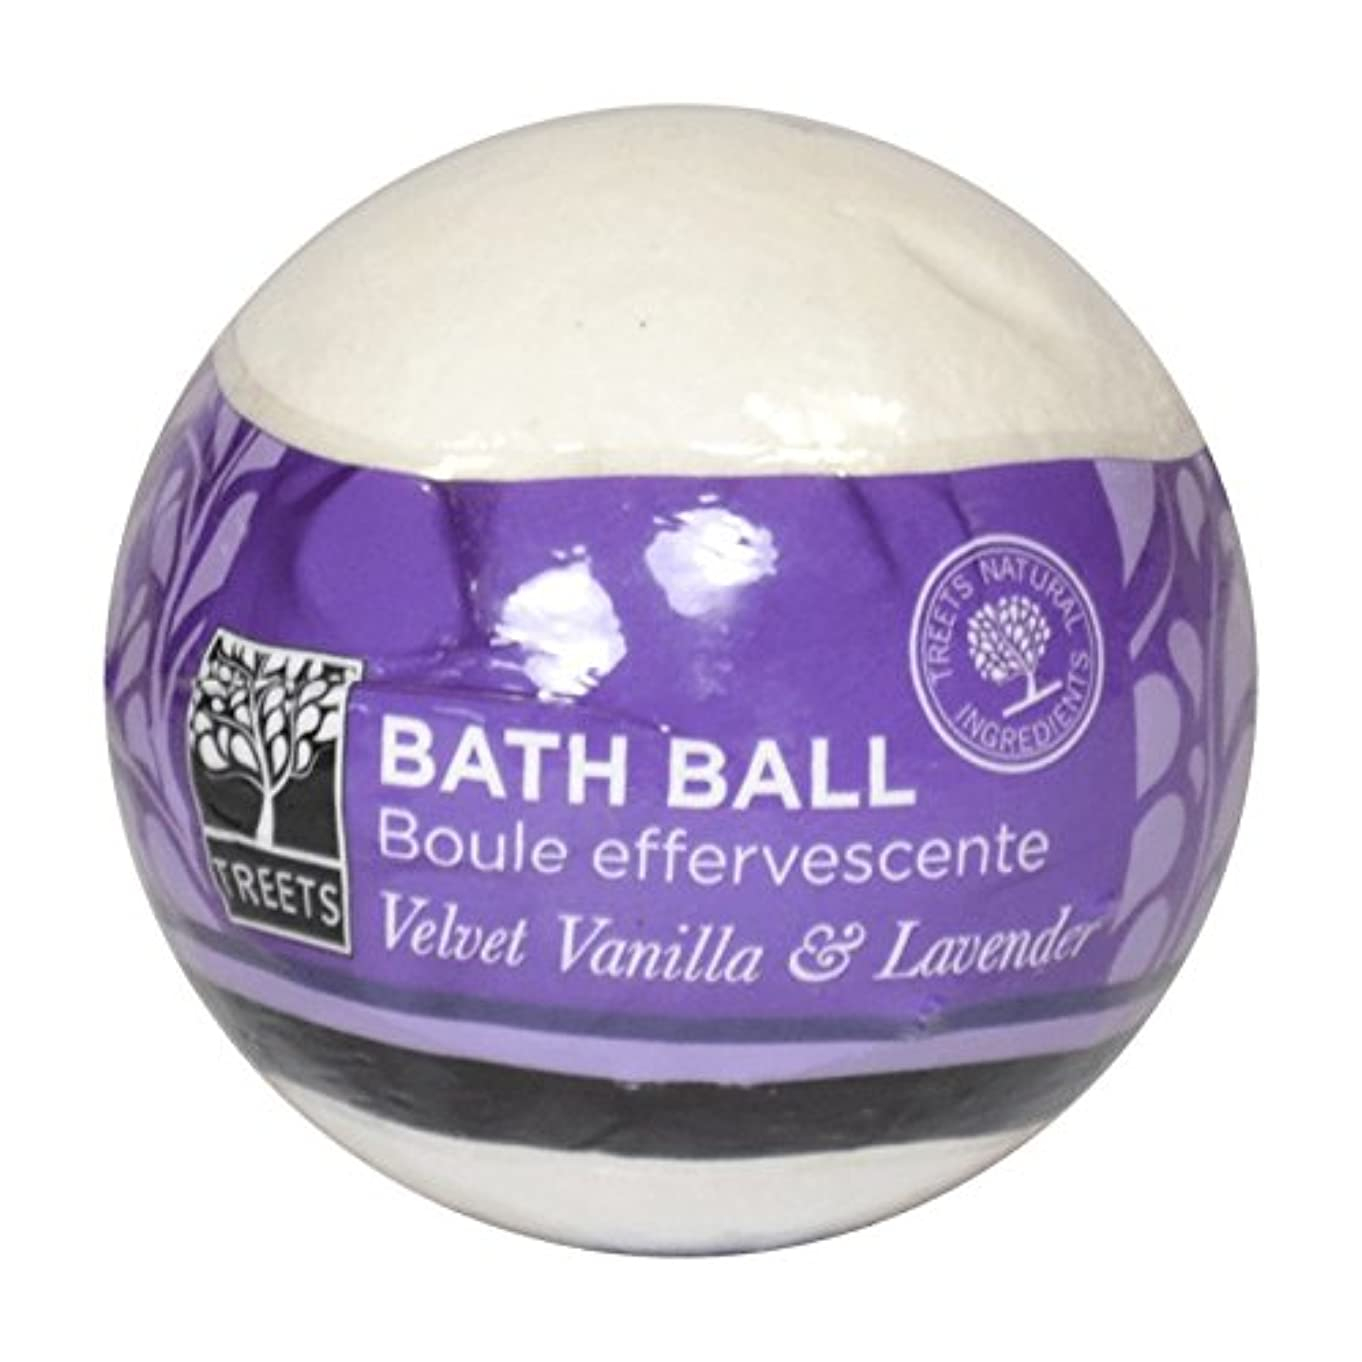 式醸造所子供っぽいTreetsベルベットのバニラ&ラベンダーバスボール - Treets Velvet Vanilla & Lavender Bath Ball (Treets) [並行輸入品]